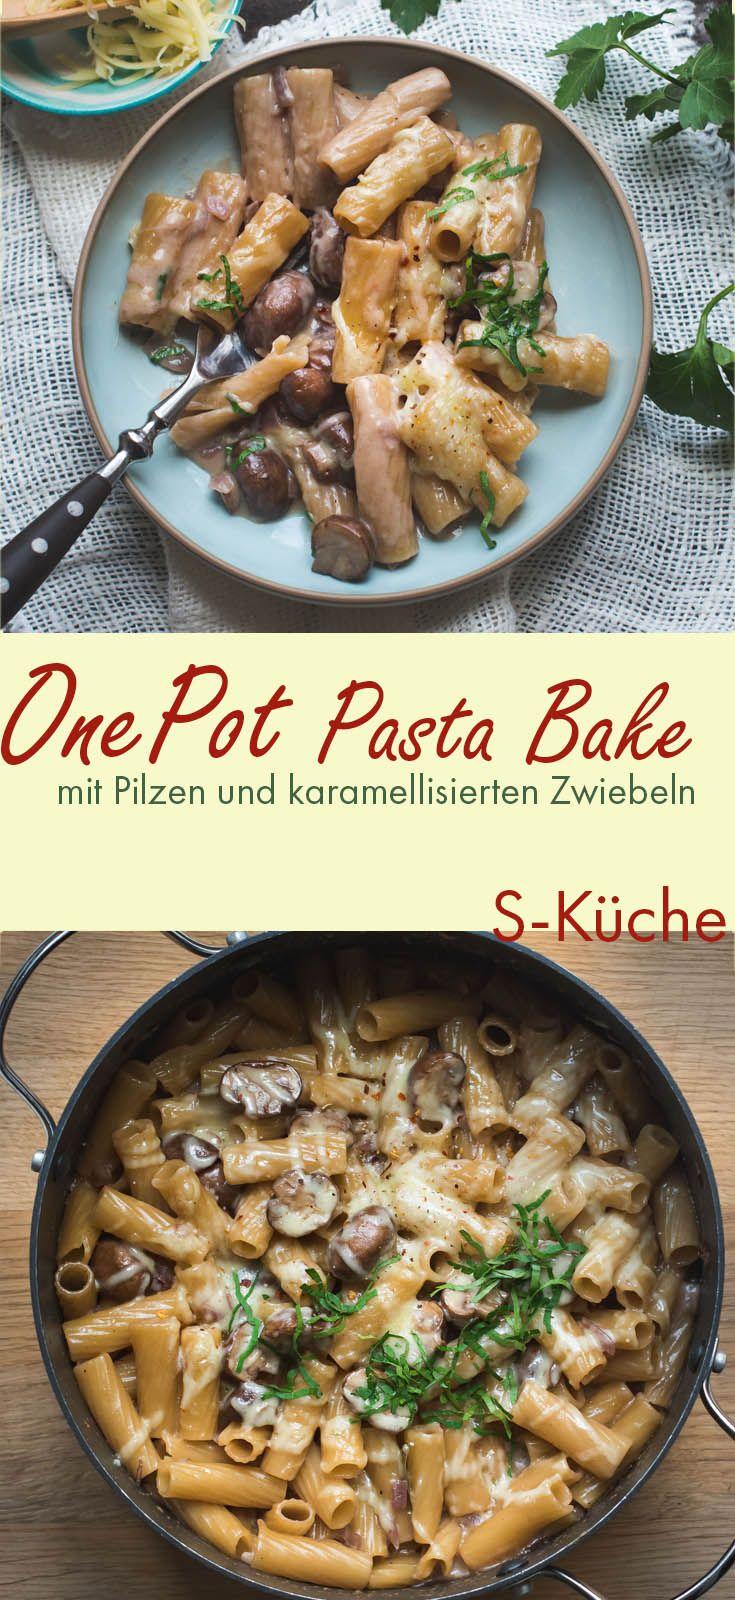 Sehr cremige One Pot Pasta mit Pilzen, karamellisierten Zwiebeln und nach Wunsch im Ofen überbacken